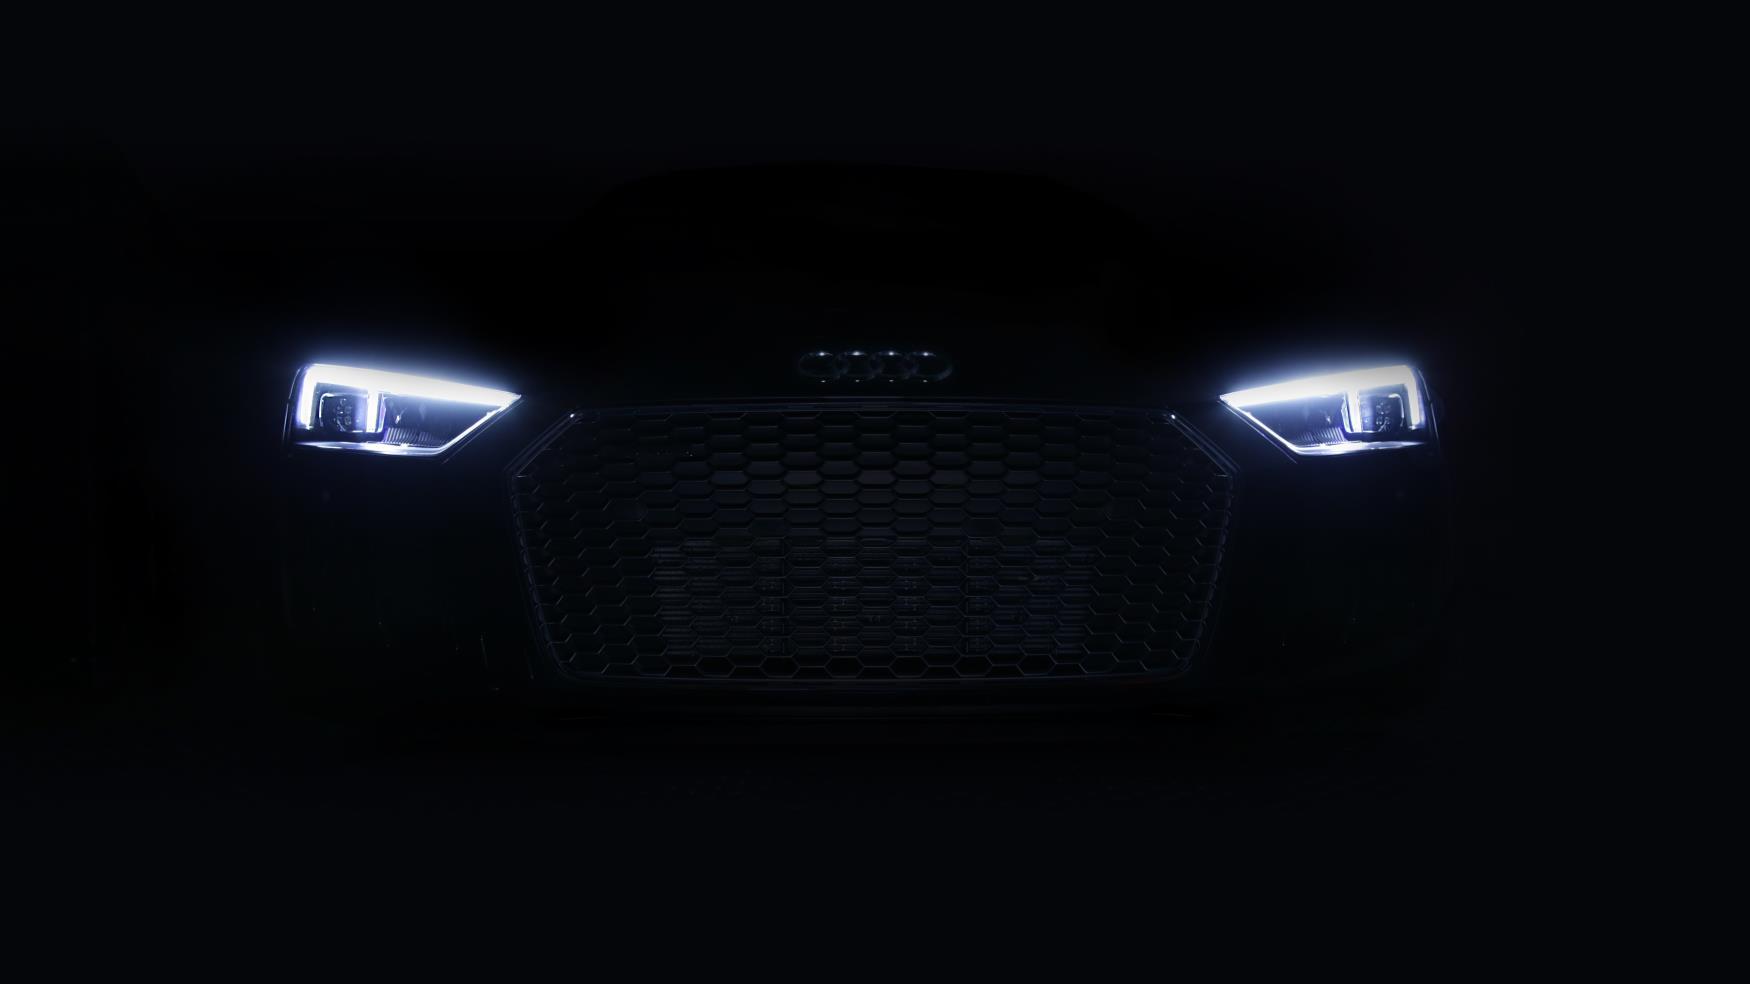 Audi R8 laserlicht